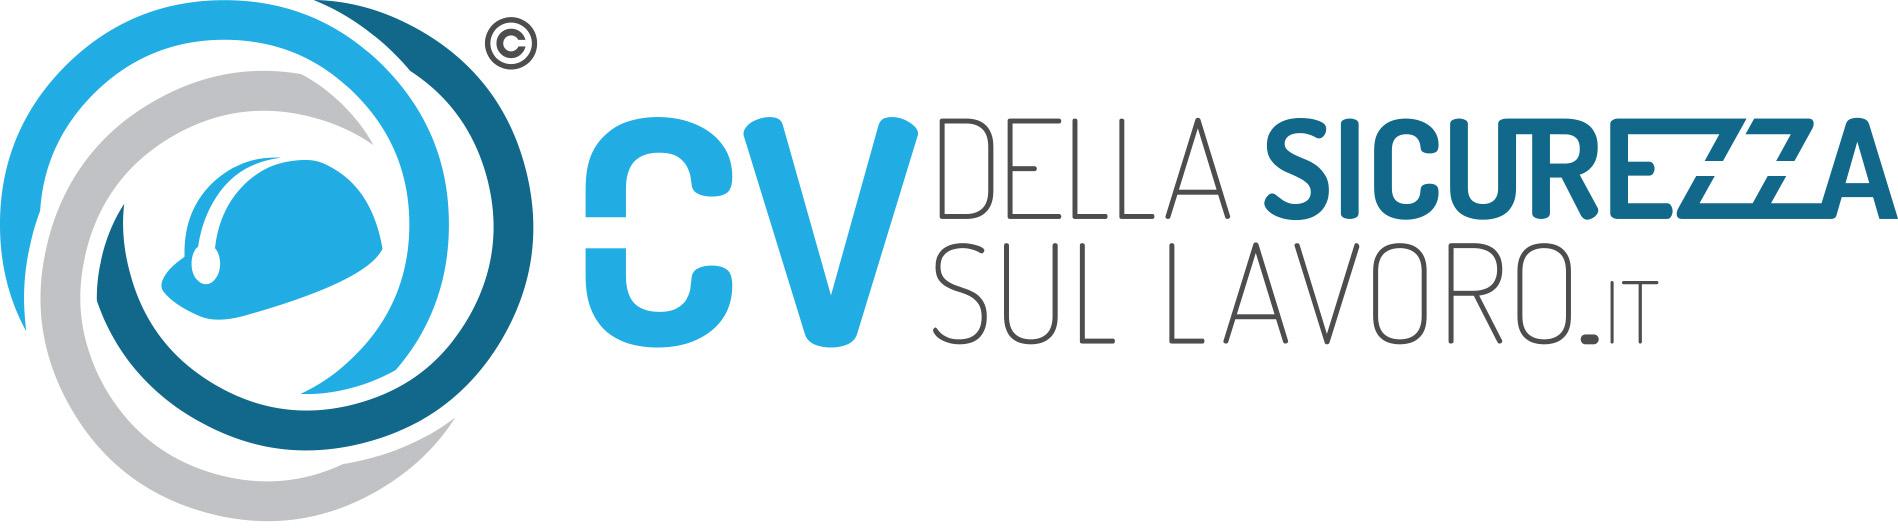 AIESiL presenta il CV DELLA SICUREZZA SUL LAVORO.IT:  quando un'idea diventa una virtuosa realtà